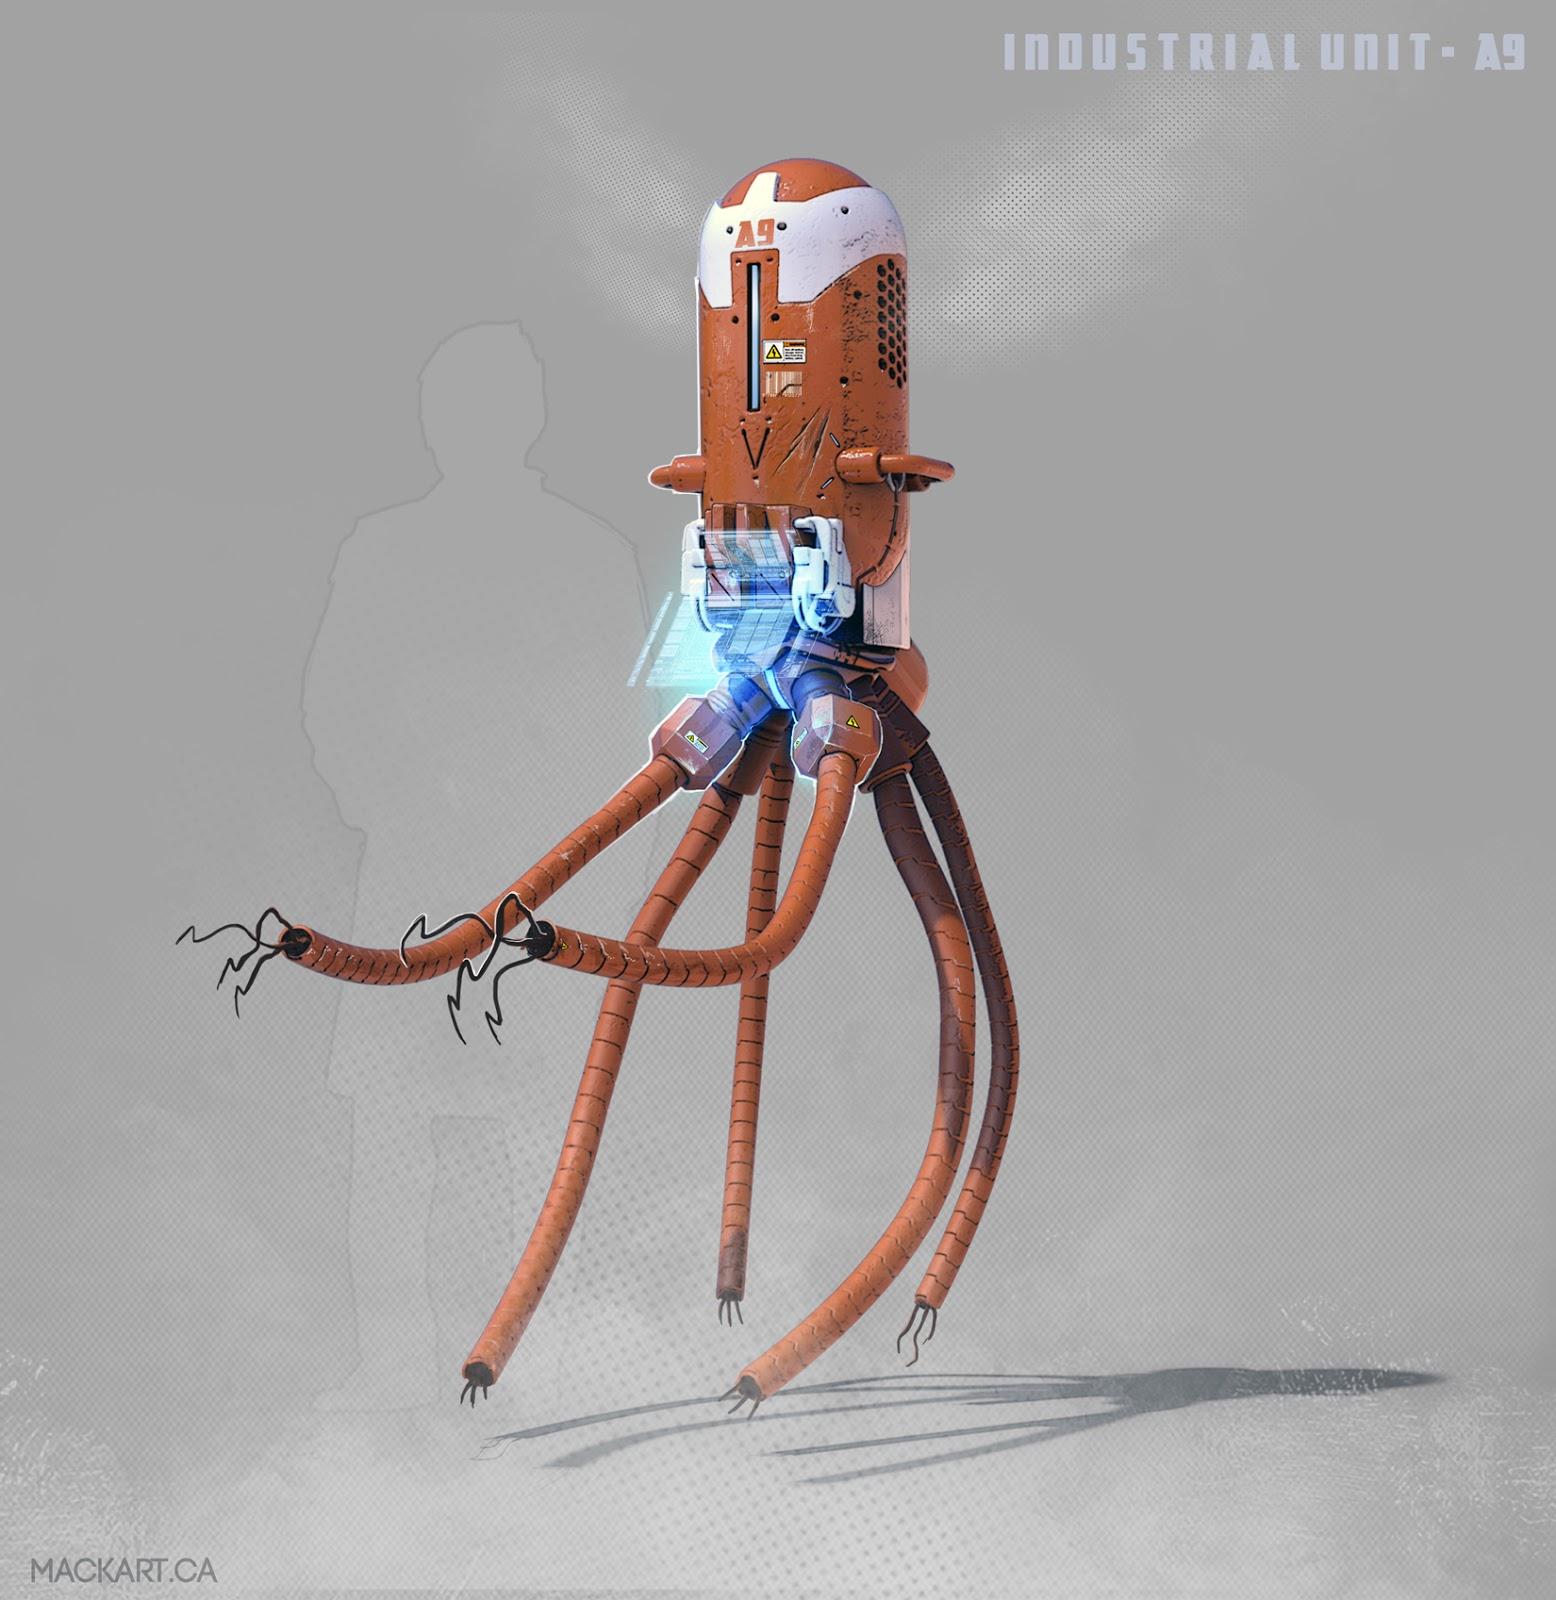 INDUSTRIAL-Bot_2.jpg